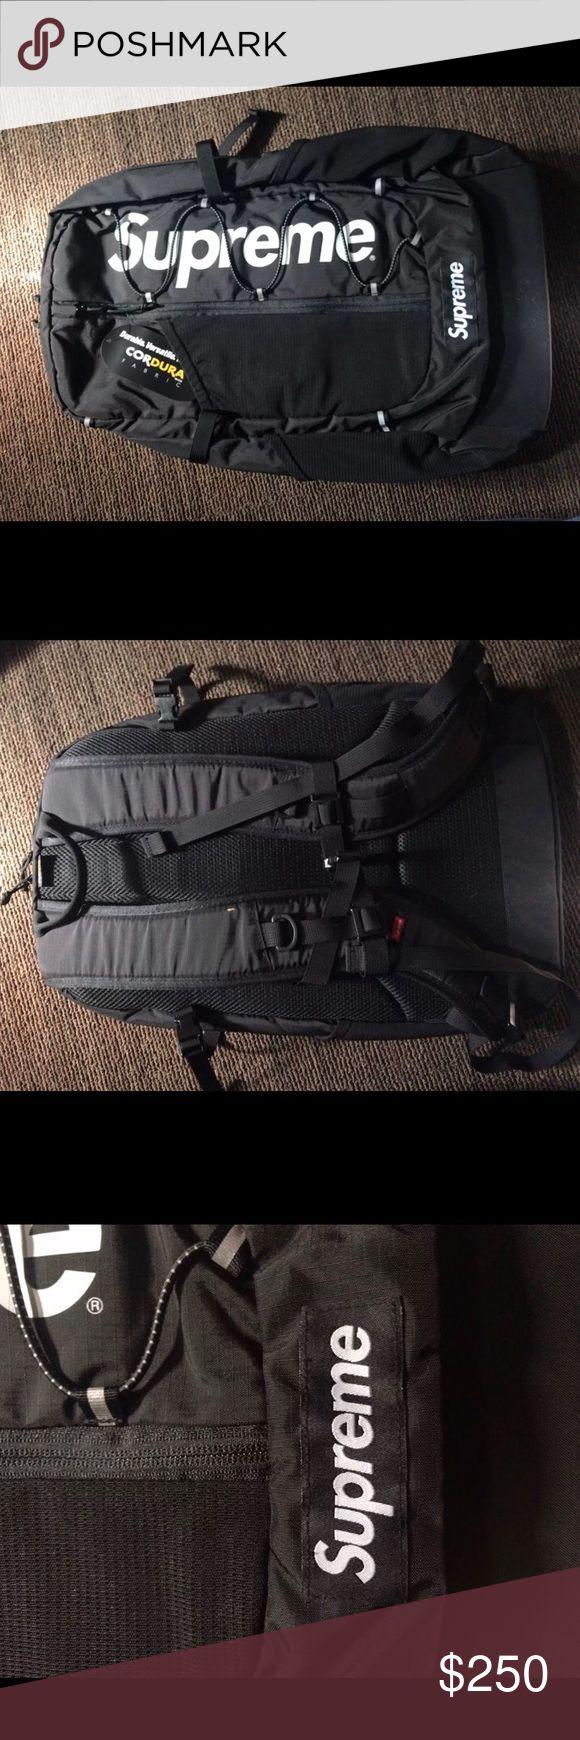 Supreme Black Cordura Backpack New Black Supreme Cordura Backpack, spring/summer 2017 Supreme Bags Backpacks